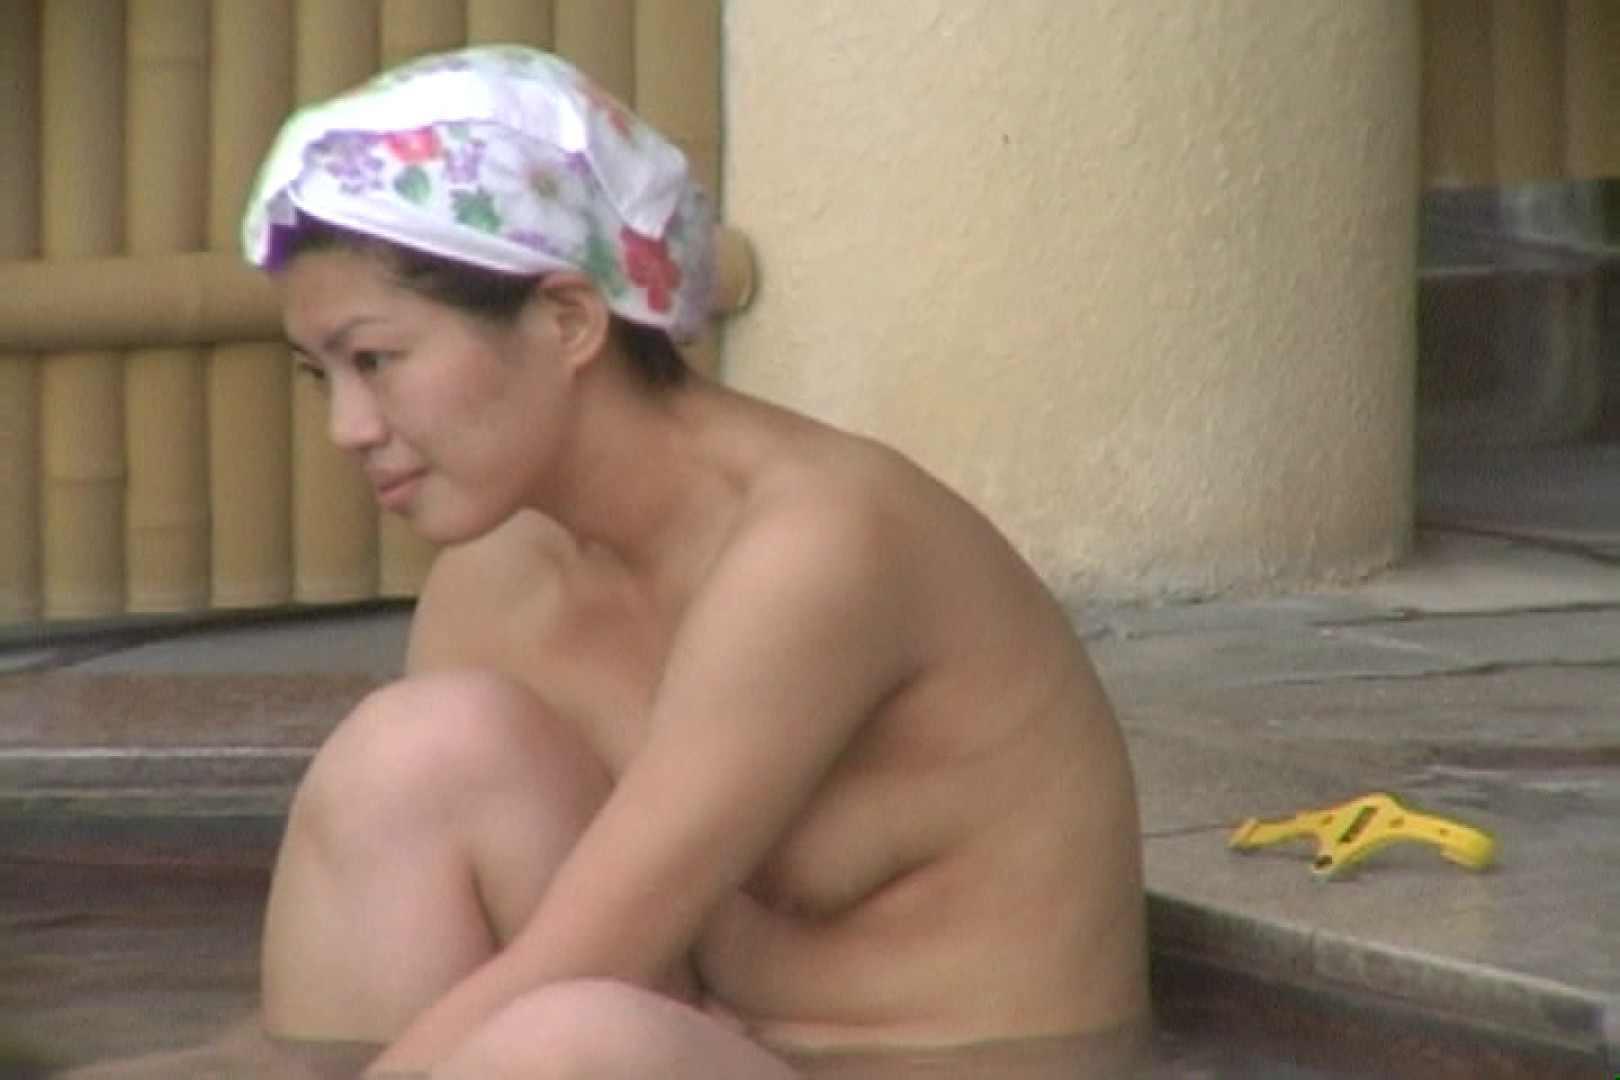 Aquaな露天風呂Vol.27【VIP】 盗撮   OLのエロ生活  101連発 76